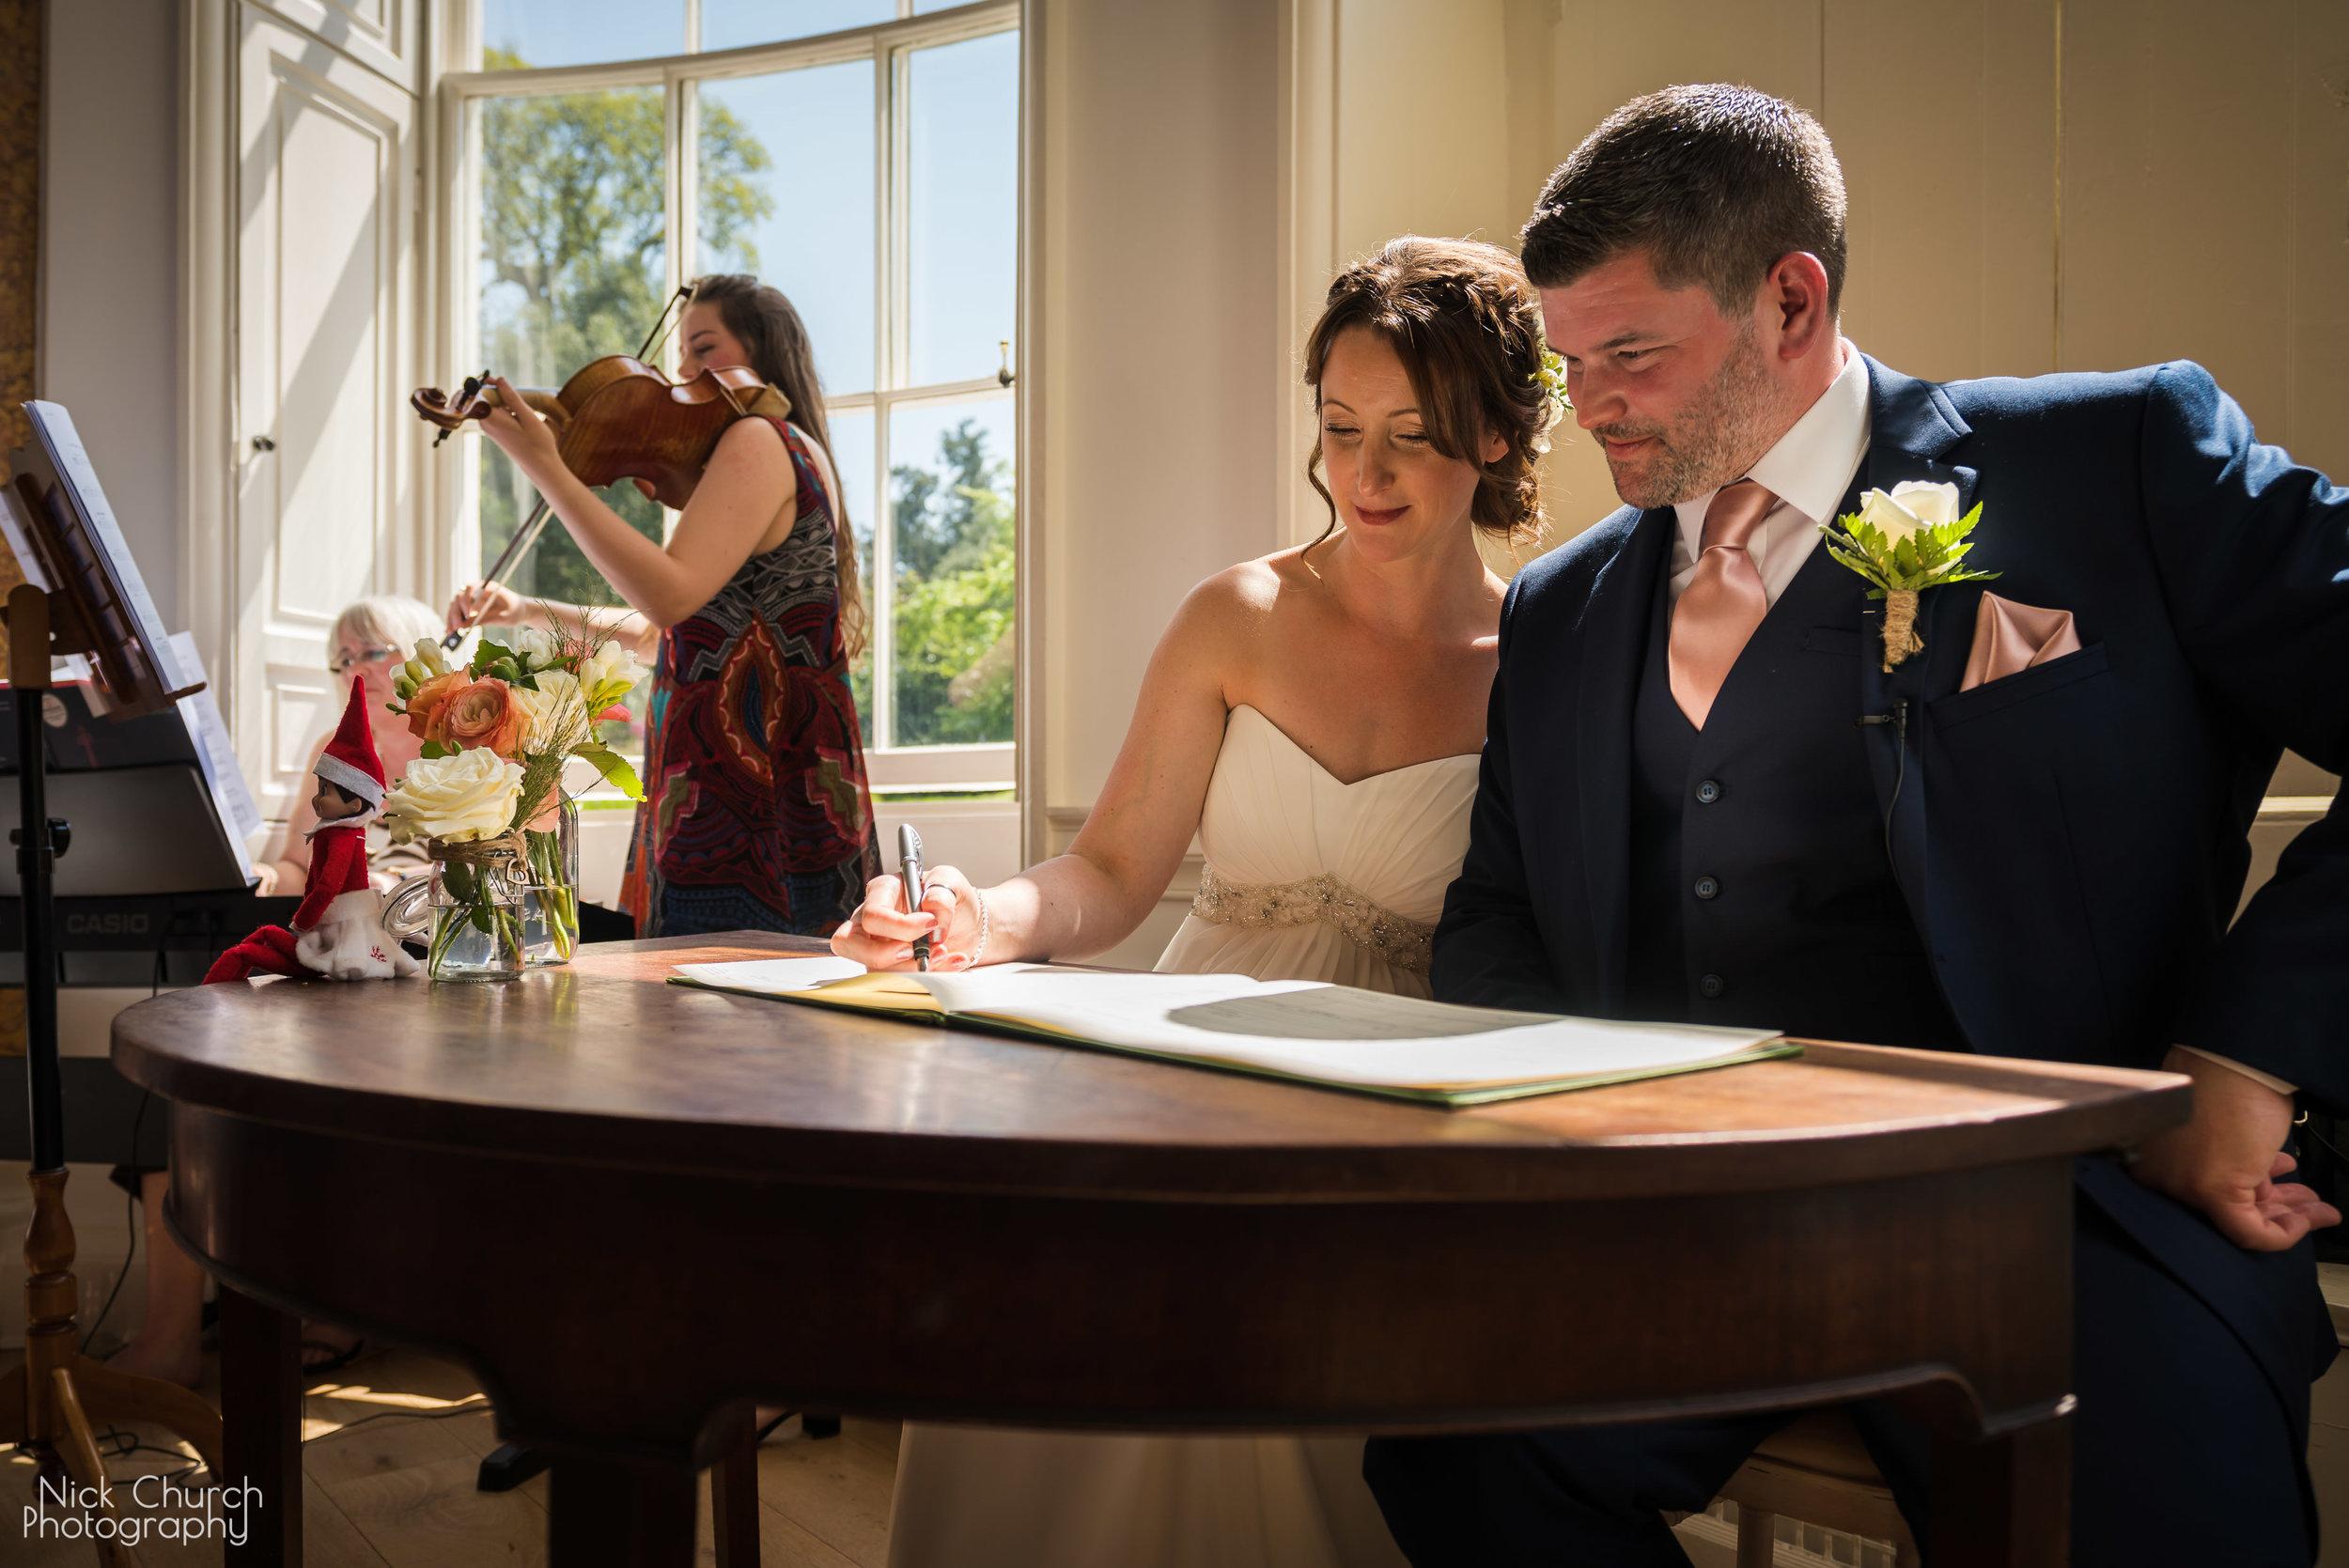 NC-2018-05-07-joanna-and-steve-wedding-0456.jpg